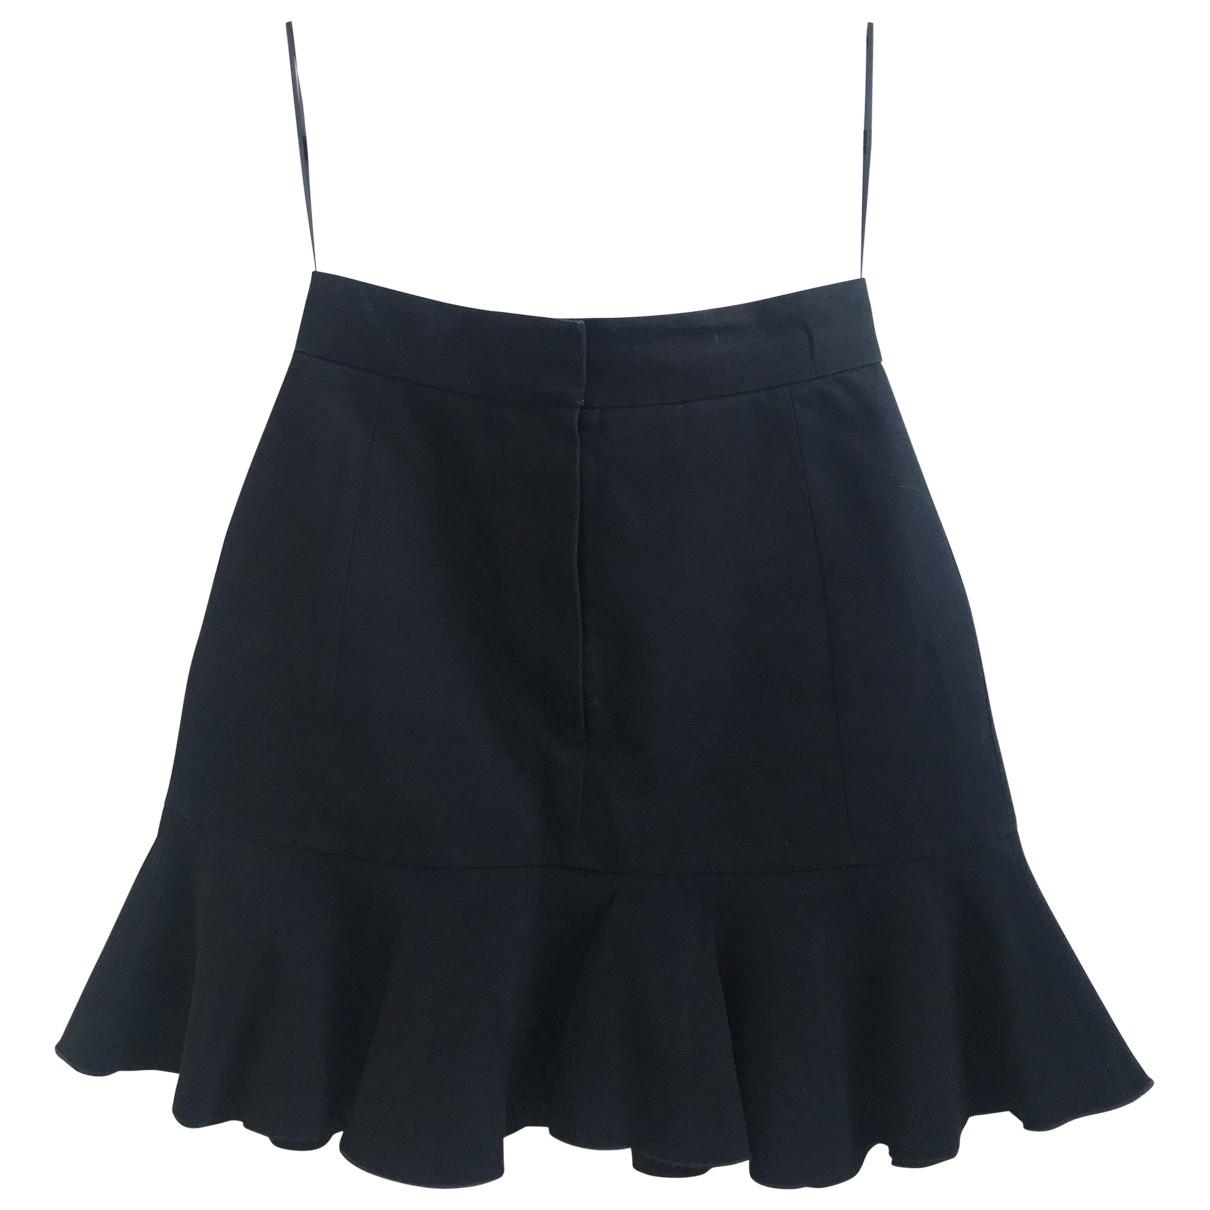 Victoria Beckham - Jupe   pour femme en coton - noir